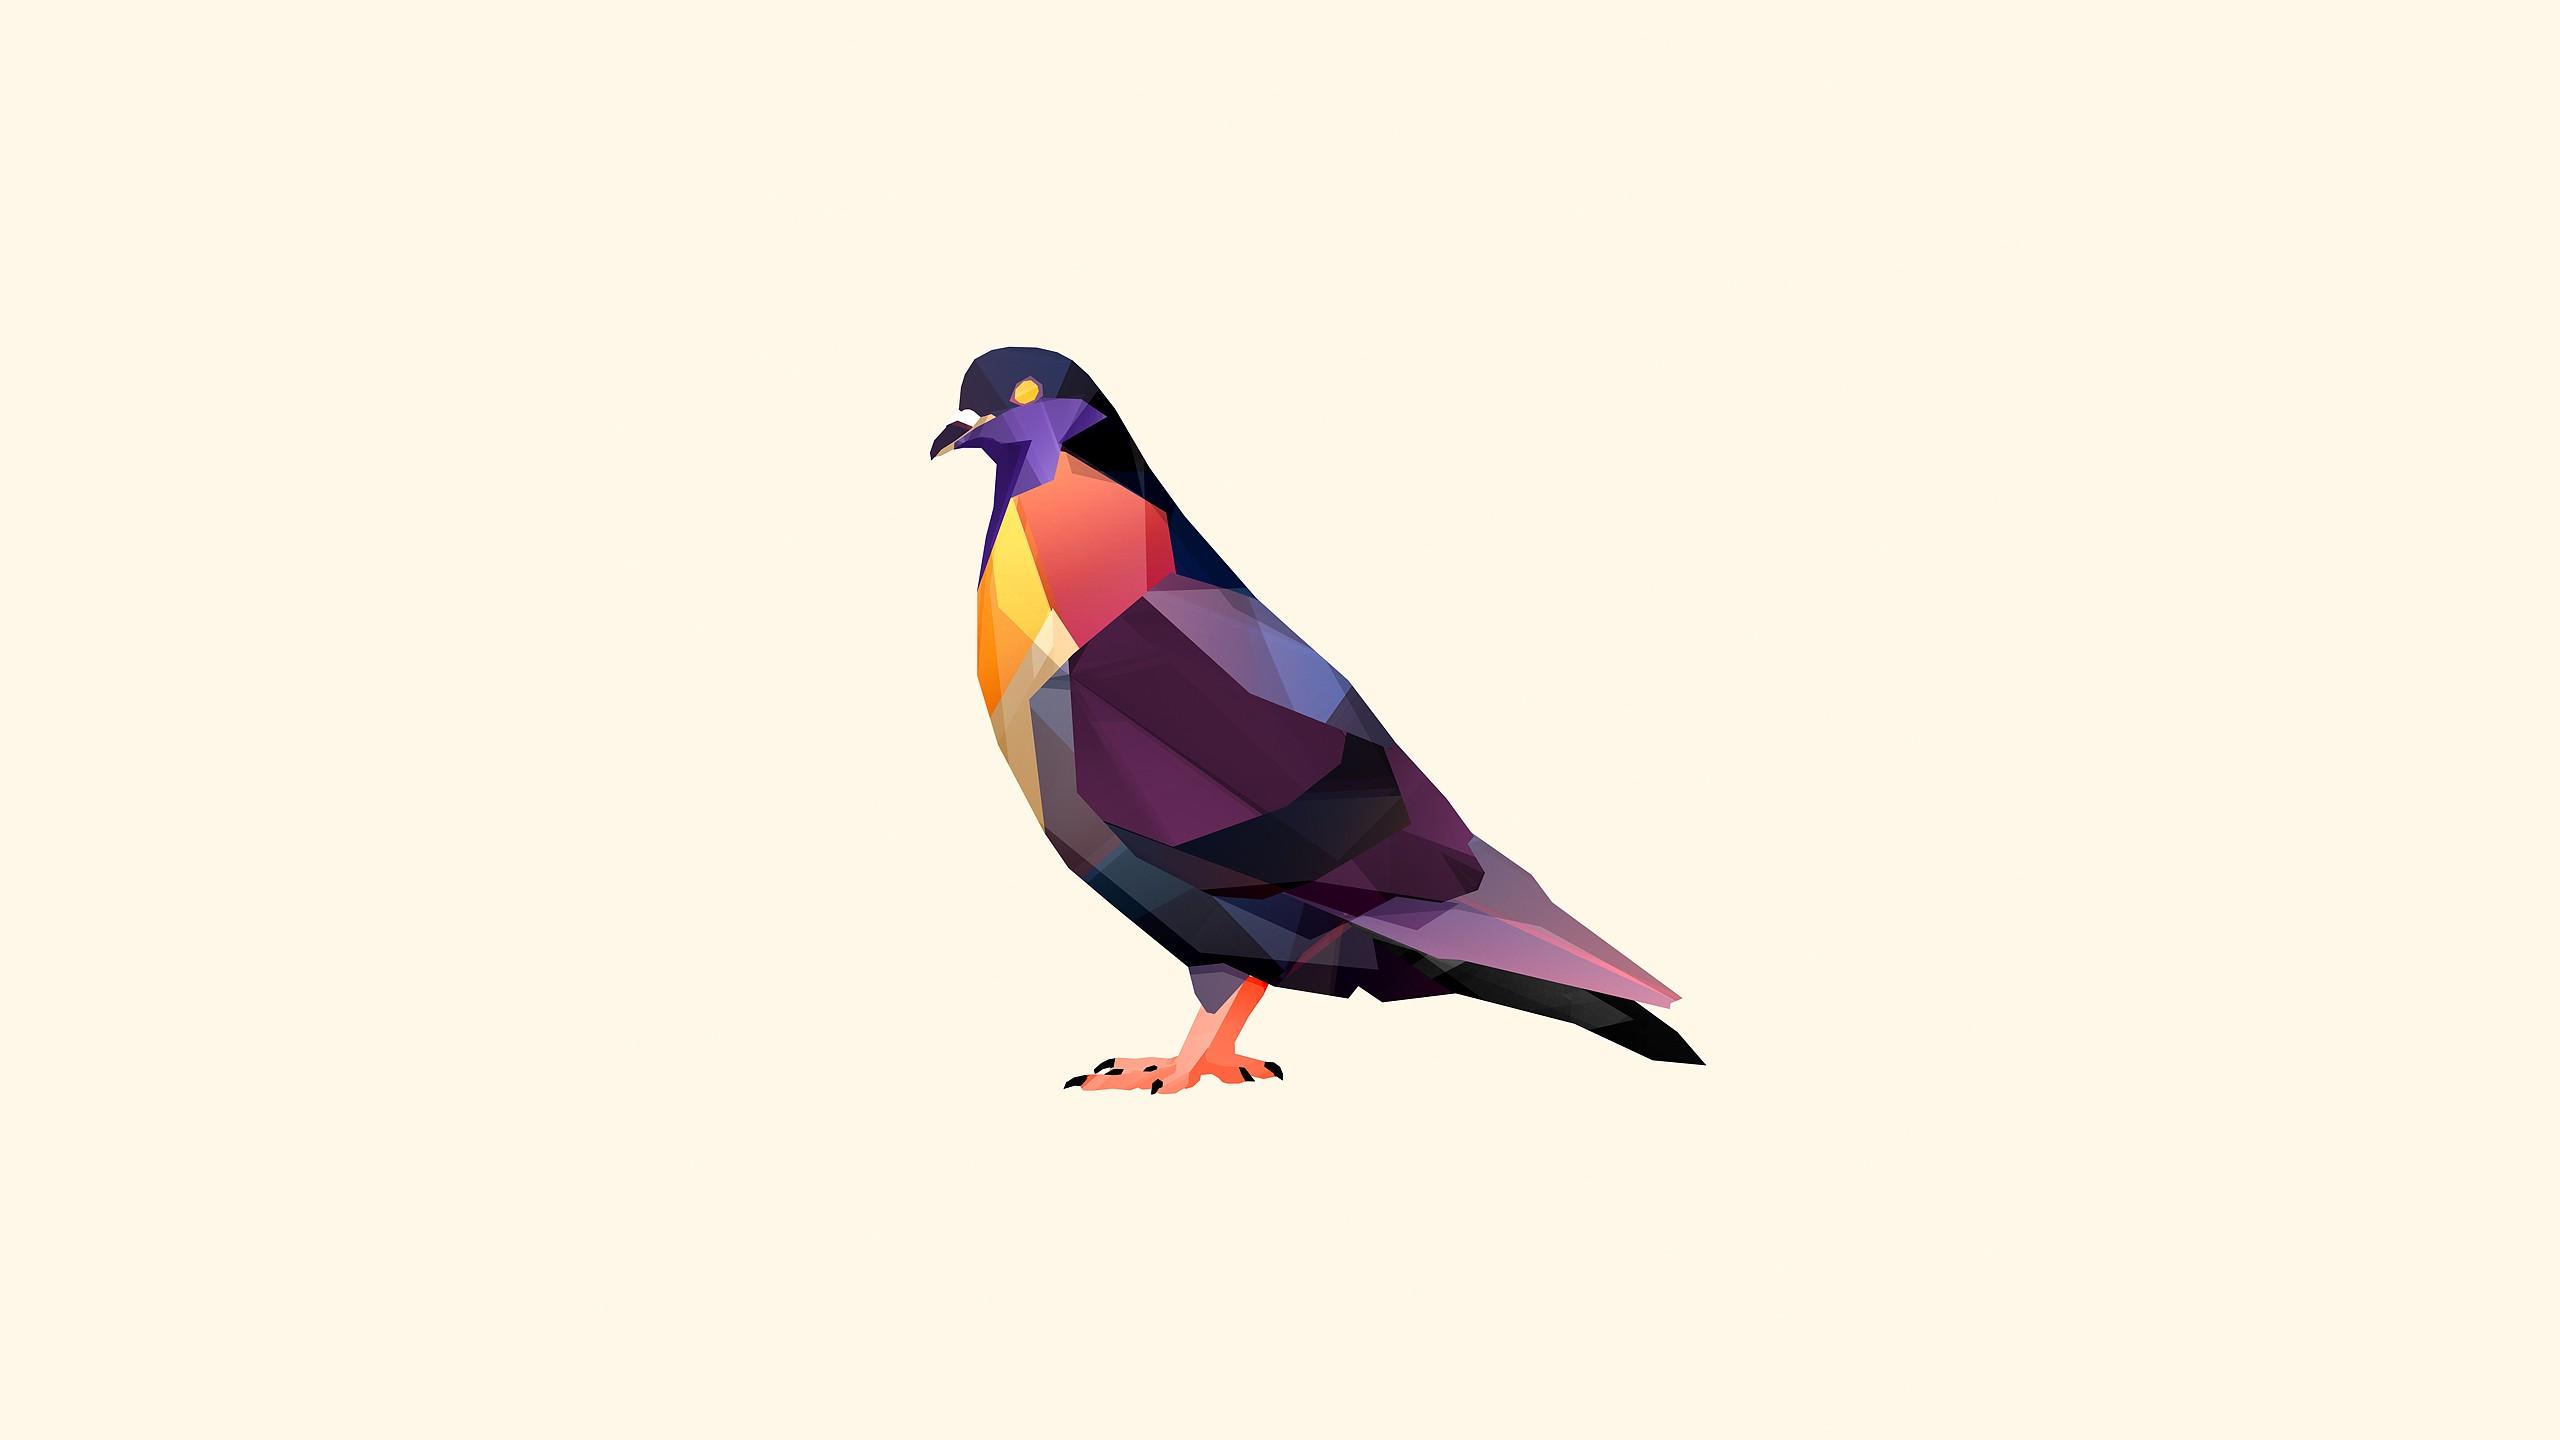 2560x1440 Px Animals Birds Digital Art Facets Justin Maller Pigeons